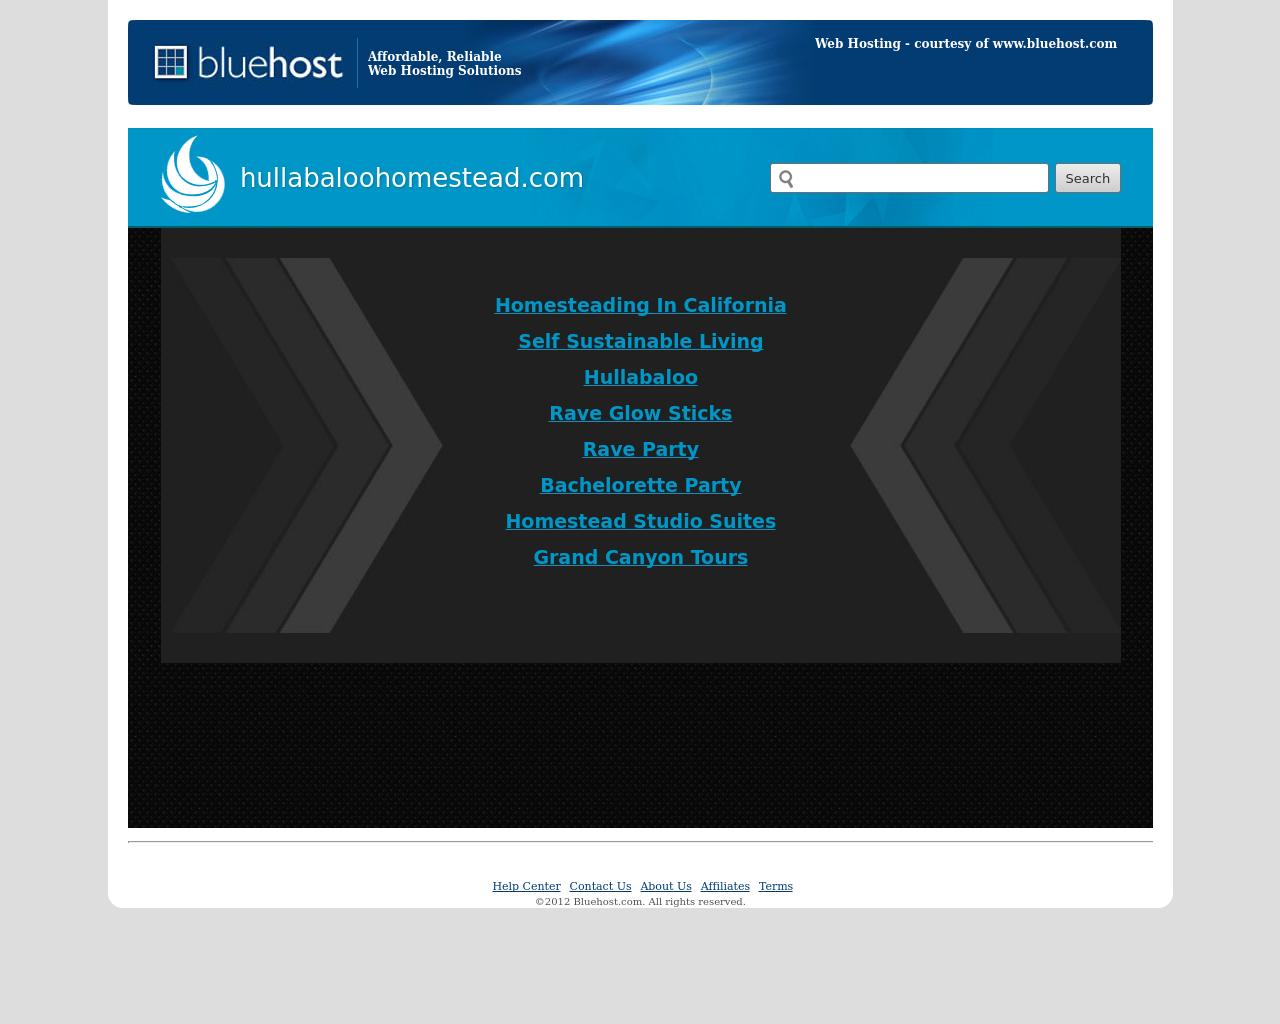 Hullabaloo-Homestead-Advertising-Reviews-Pricing